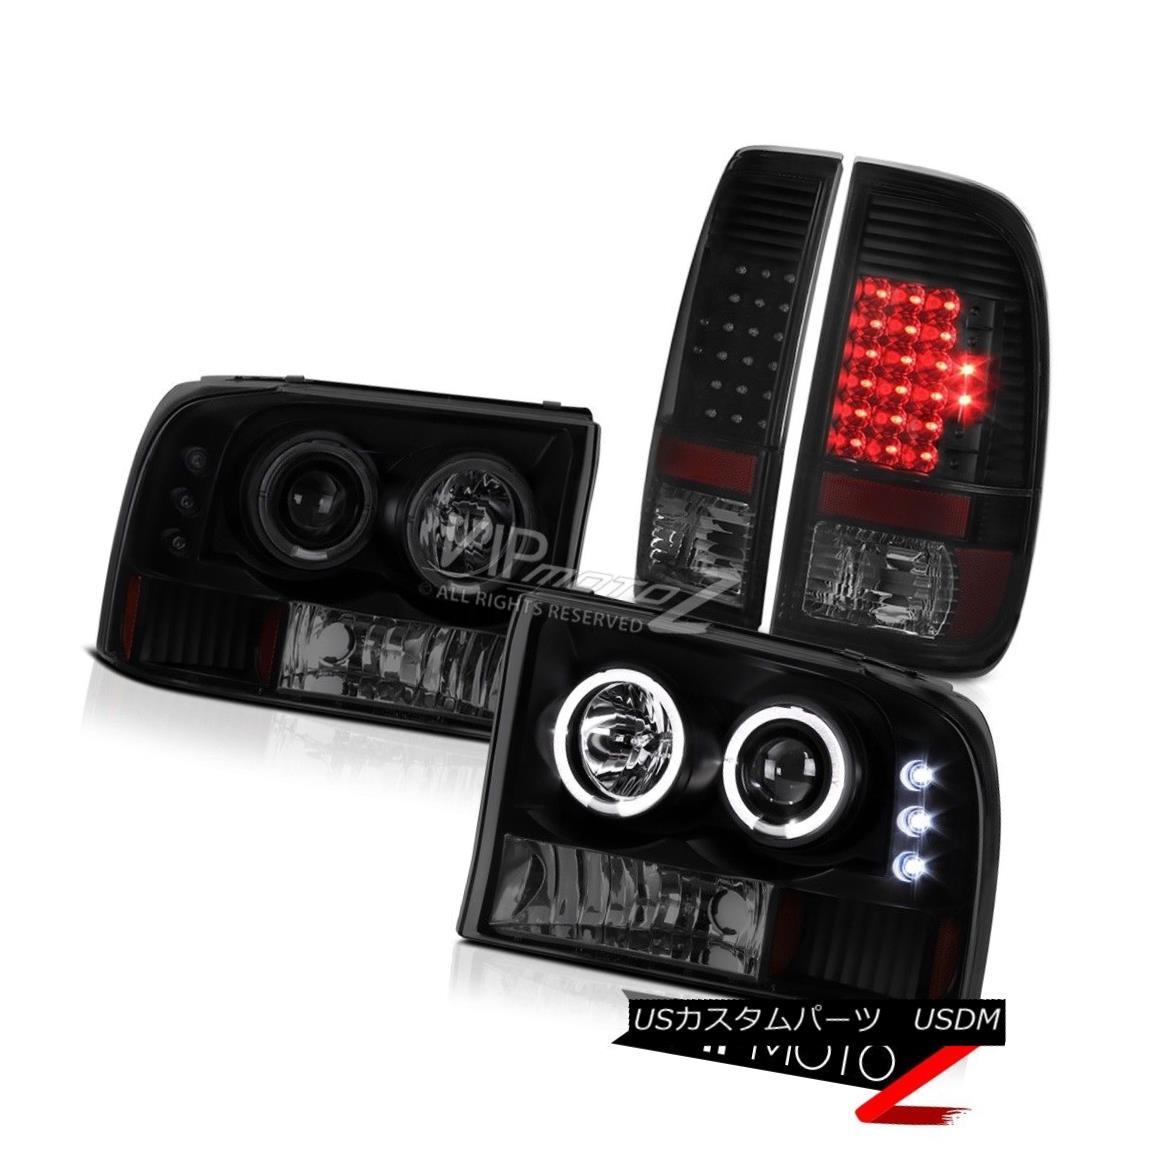 テールライト SMD DRL Headlamps Sinister Black LED Brake Lamps 99 00 01 02 03 04 Ford F-250 XL SMD DRLヘッドランプSinister Black LEDブレーキランプ99 00 01 02 03 04 Ford F-250 XL